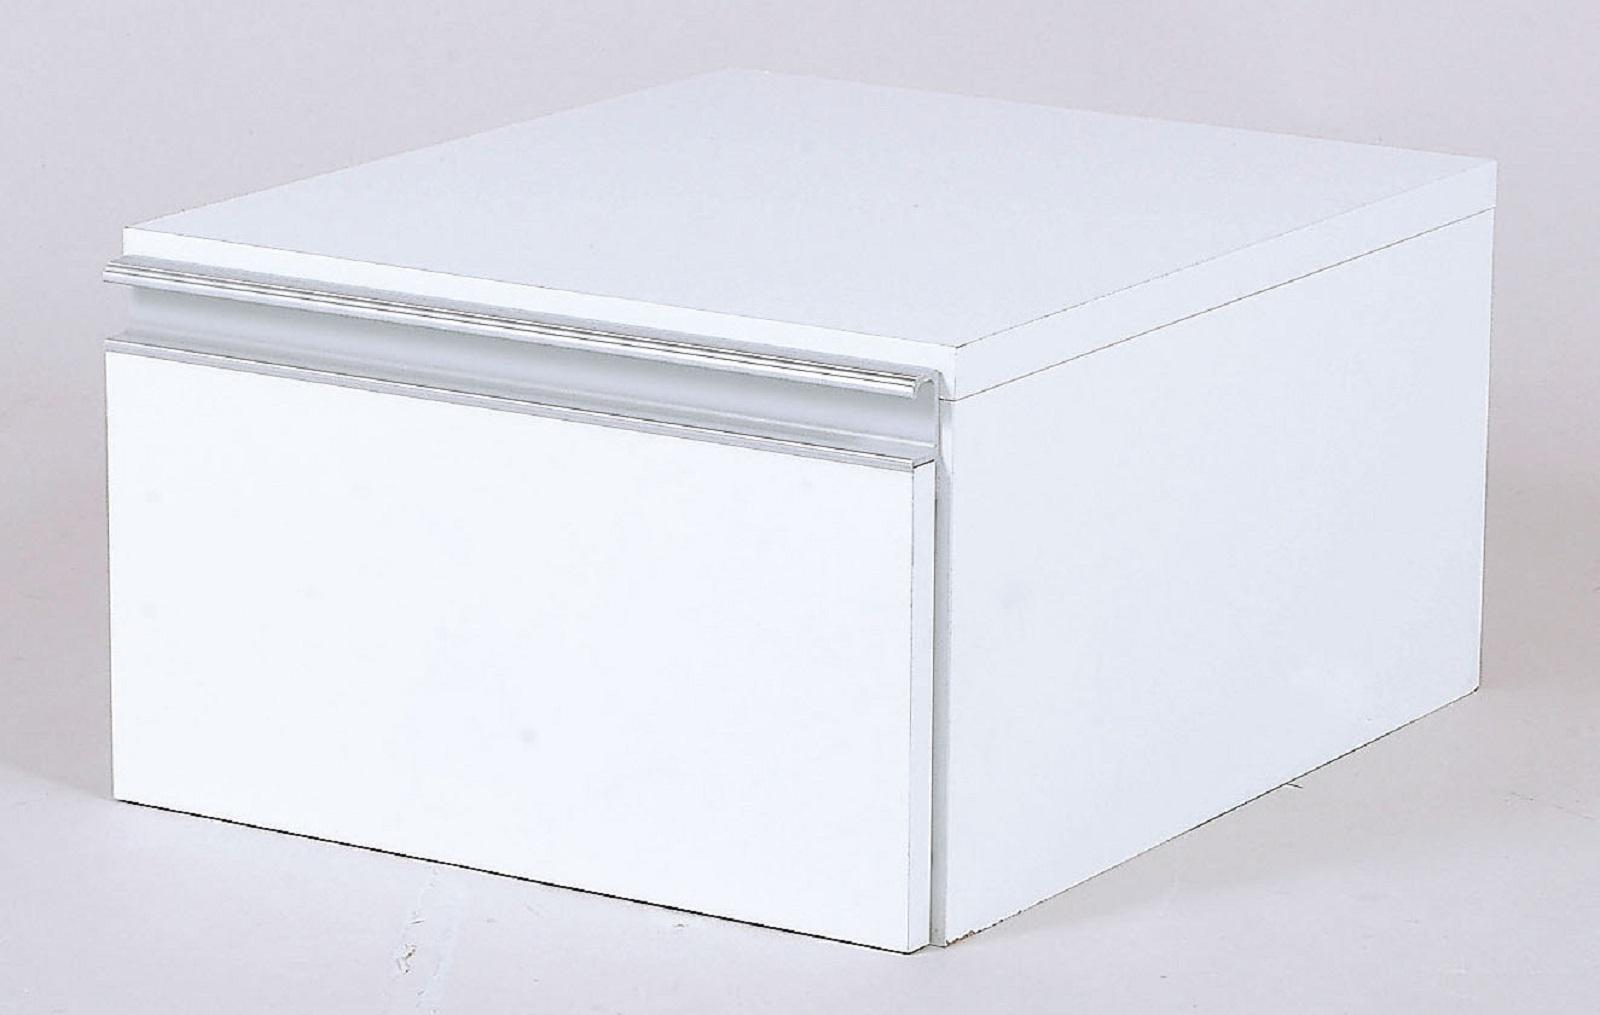 クローゼット内部引き出し 小 出群 1段 送料無料 激安 激安特価 送料無料 収納 白 クローゼット ホワイト